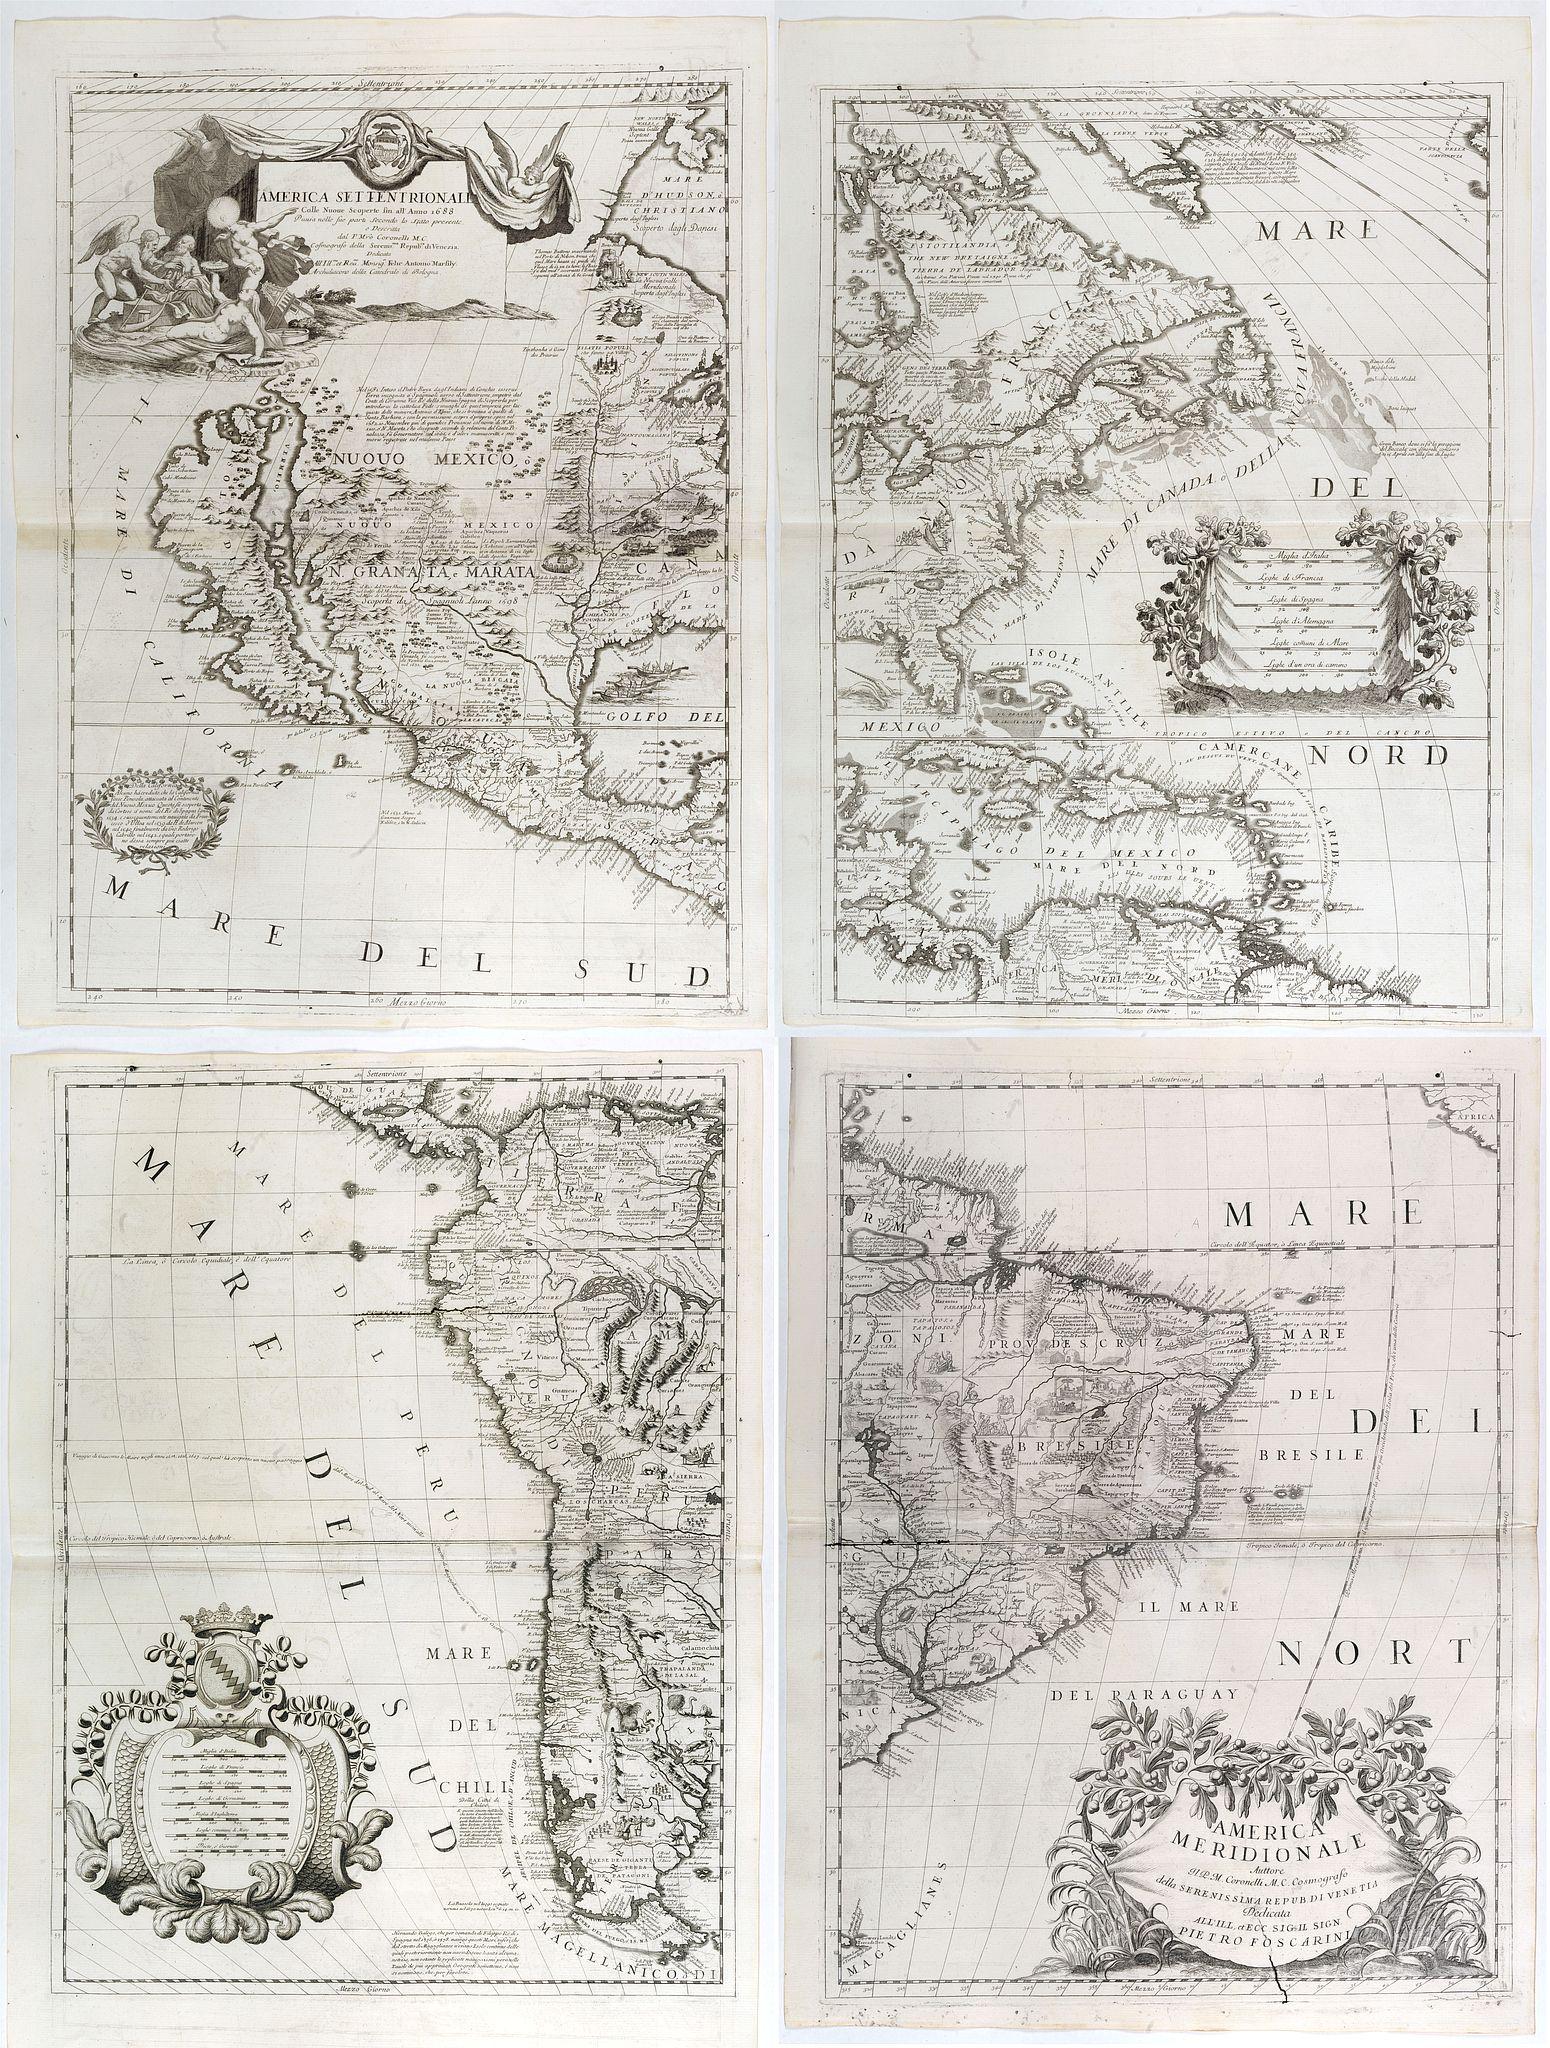 CORONELLI, V.M. - America Settentrionale Colle Nuove Scoperte Sin All Anno 1688. . . (together with] America meridionale . . .